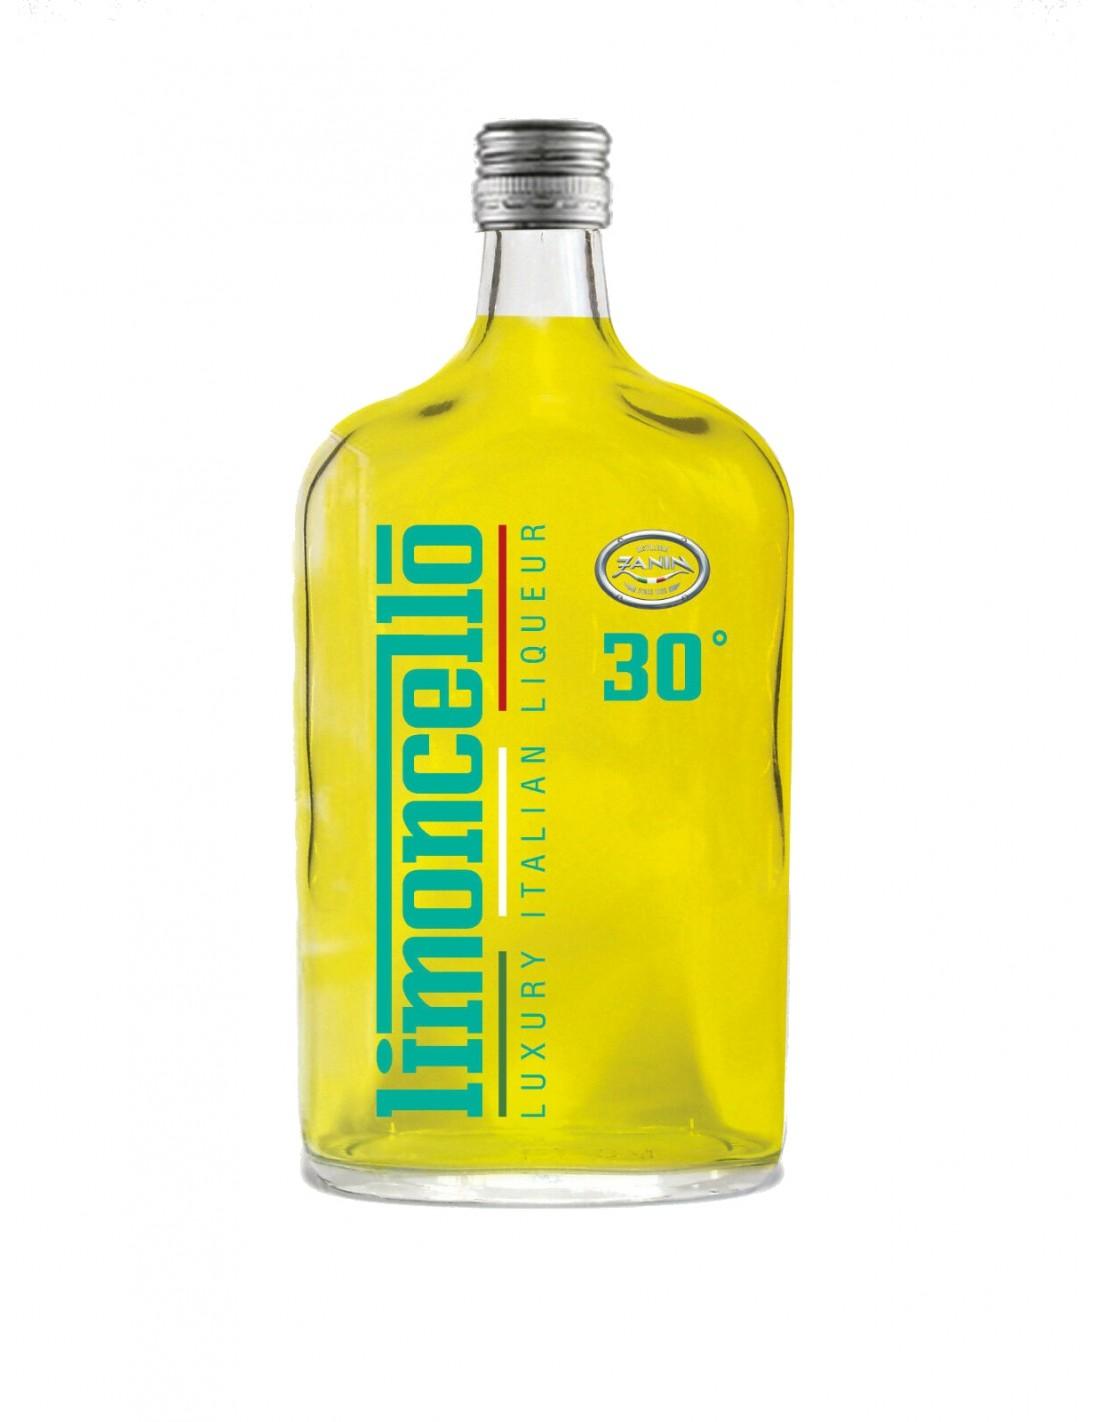 Lichior Limoncello, 30% alc., 0.7L, Italia